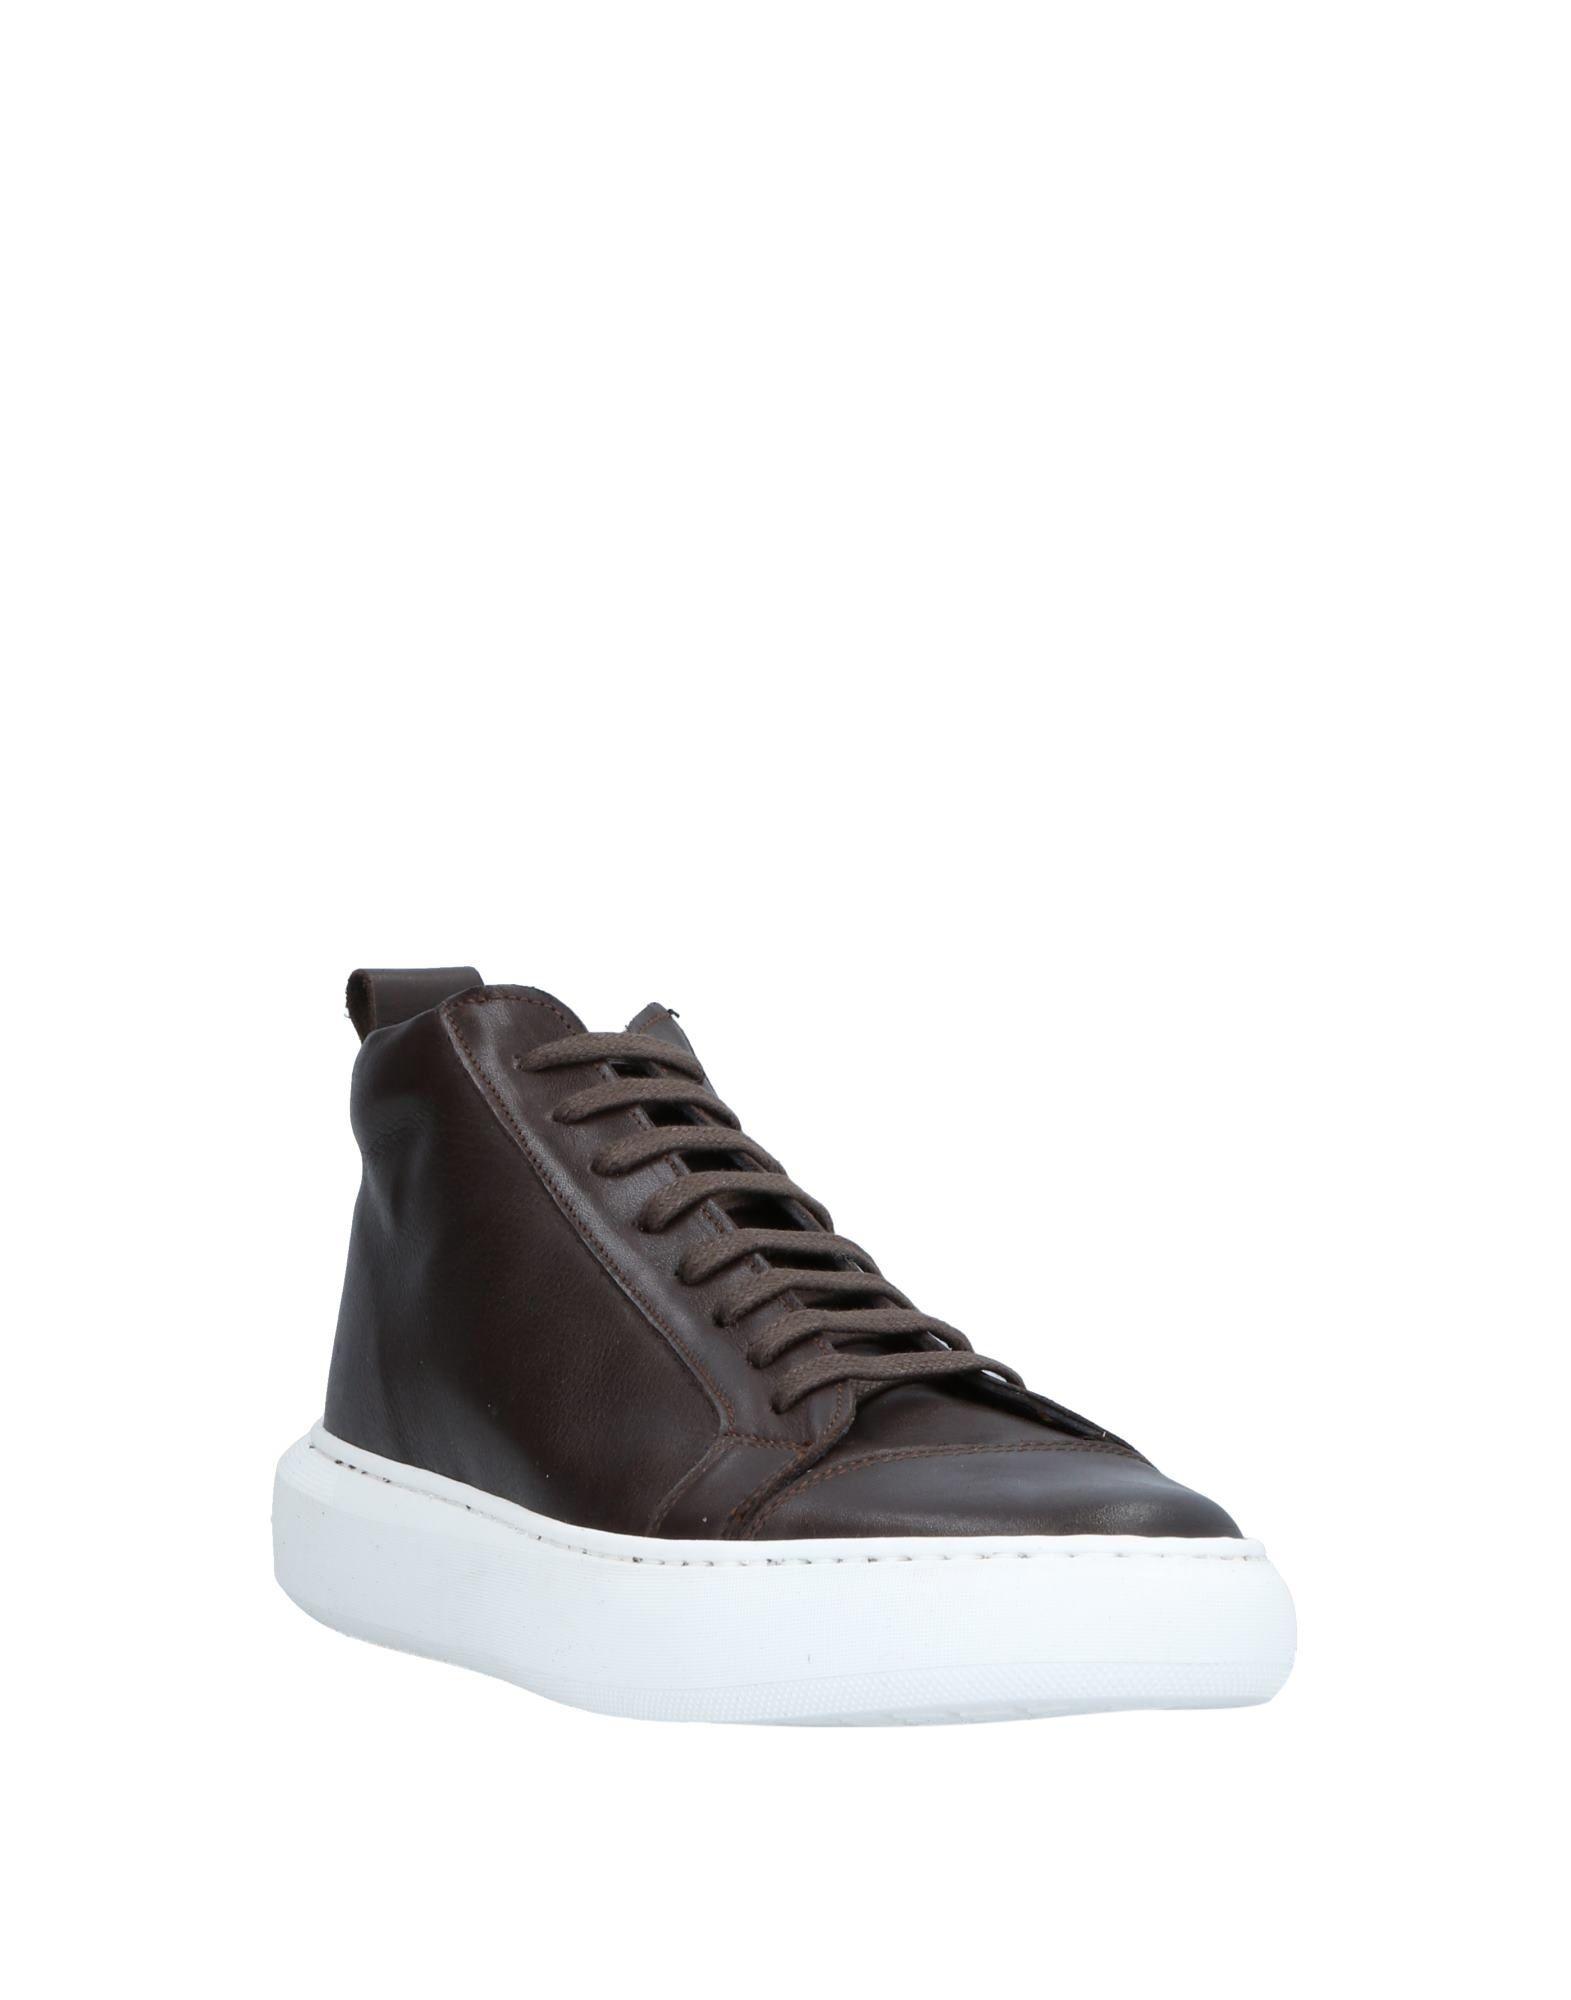 Rabatt echte Herren Schuhe Bottega Marchigiana Sneakers Herren echte  11544359CO 1d3f19